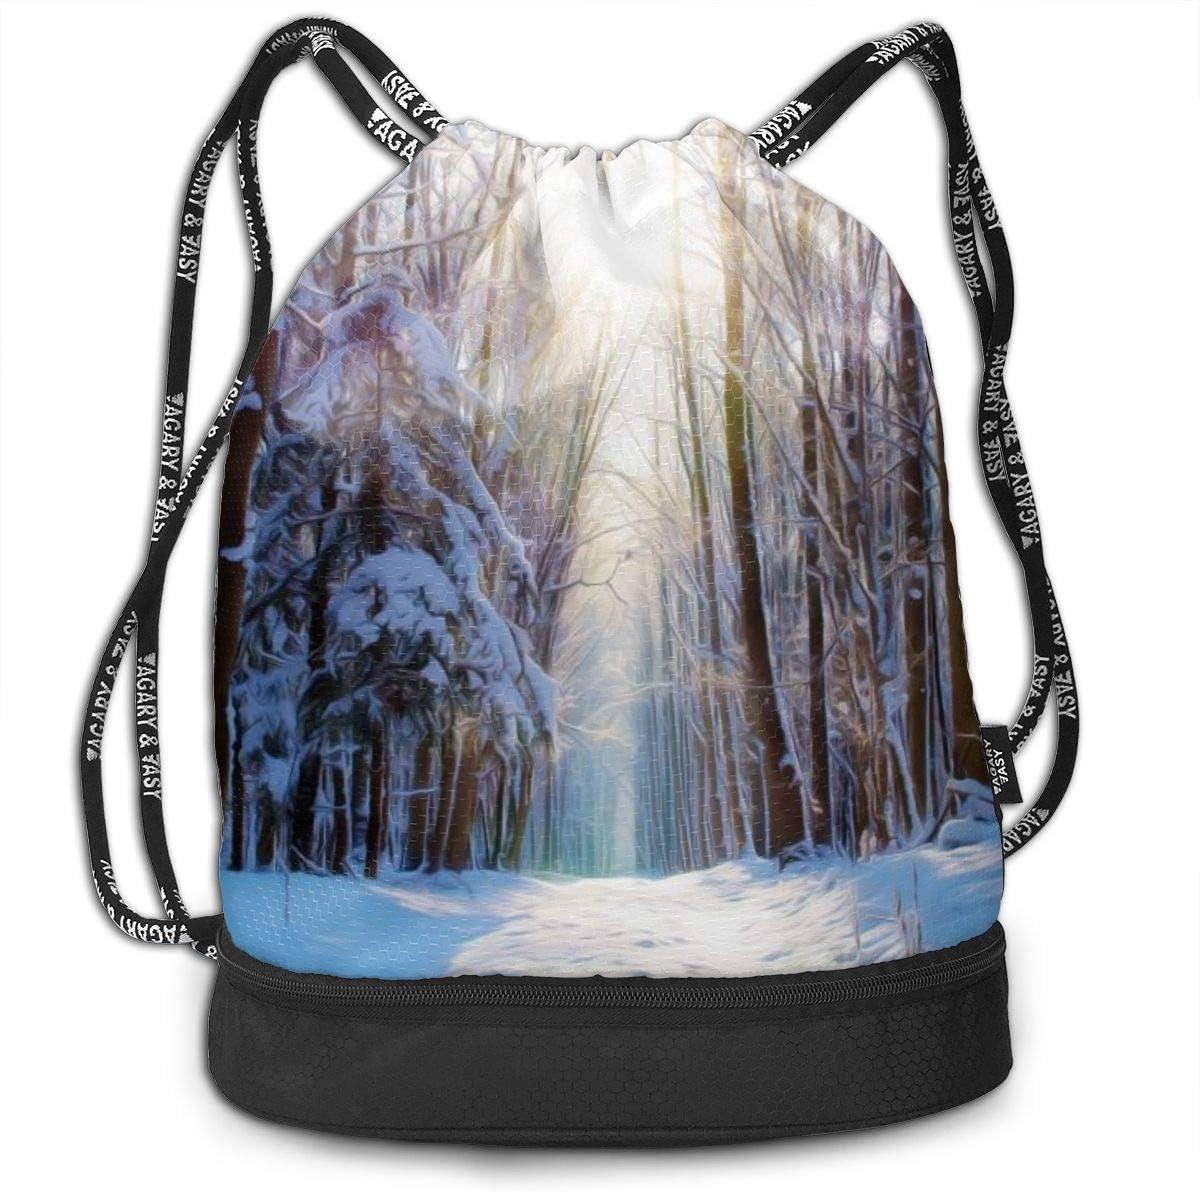 GymSack Drawstring Bag Sackpack Sunrise Of Snow Forest Sport Cinch Pack Simple Bundle Pocke Backpack For Men Women